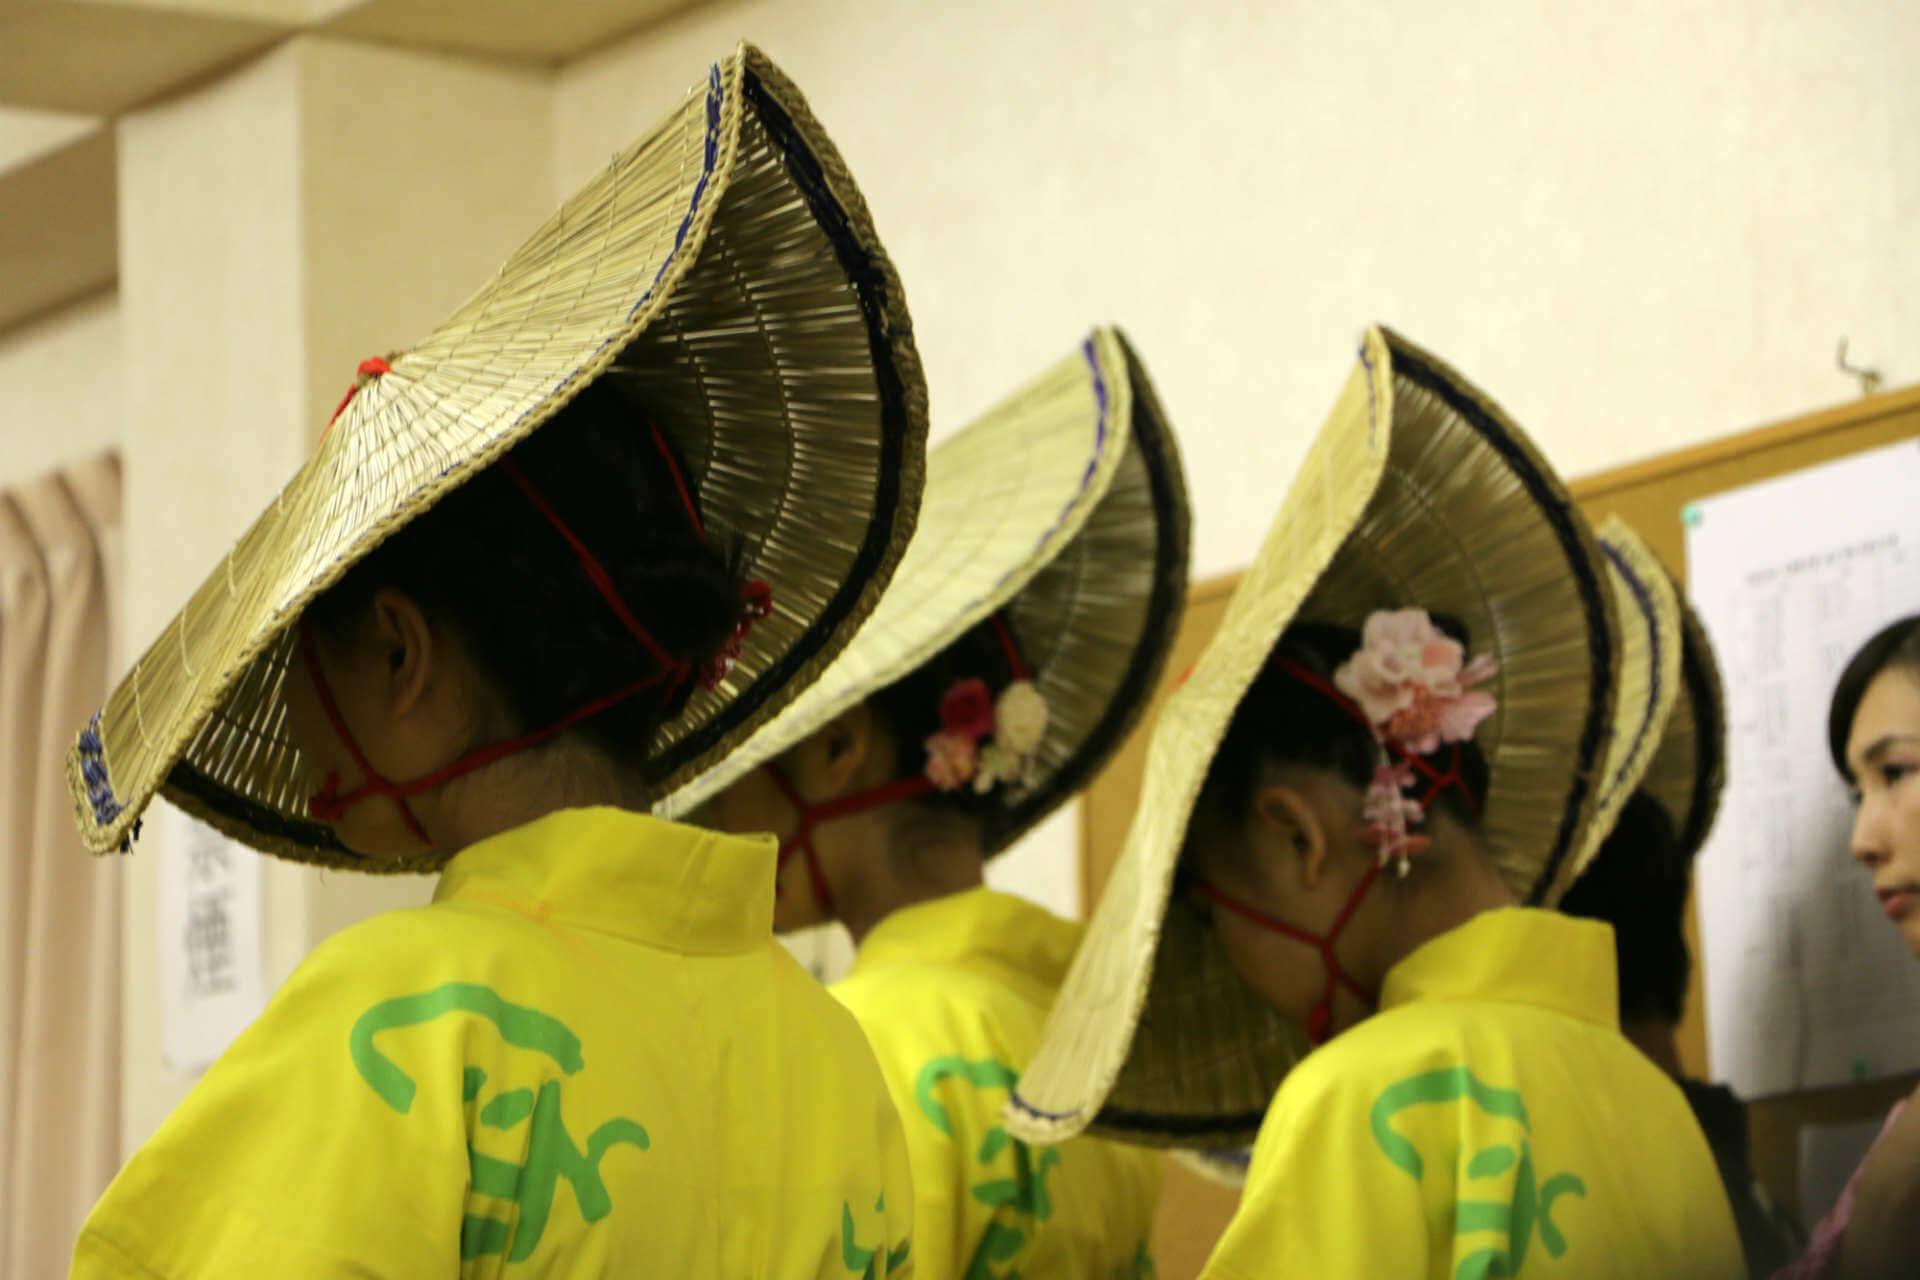 黄色い浴衣は中学生の踊り子さん。静かに踊り出しを待ちます